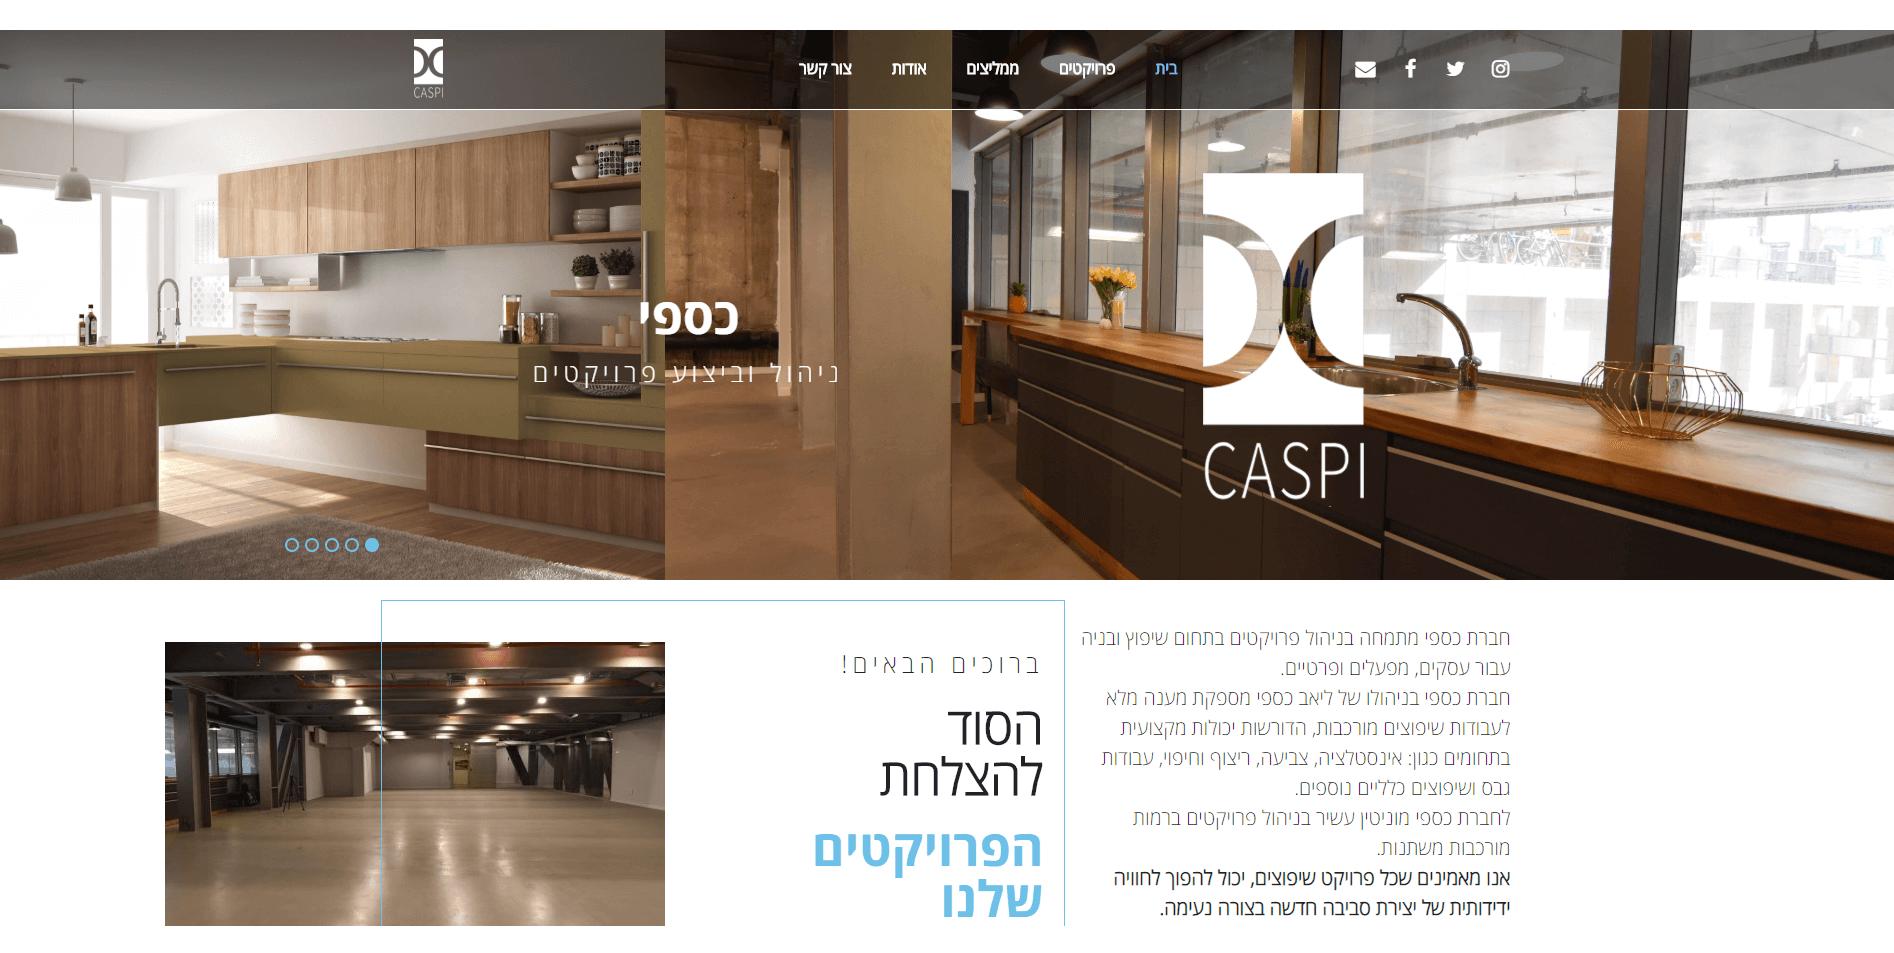 עיצוב אתר לחברת כספי גרופ